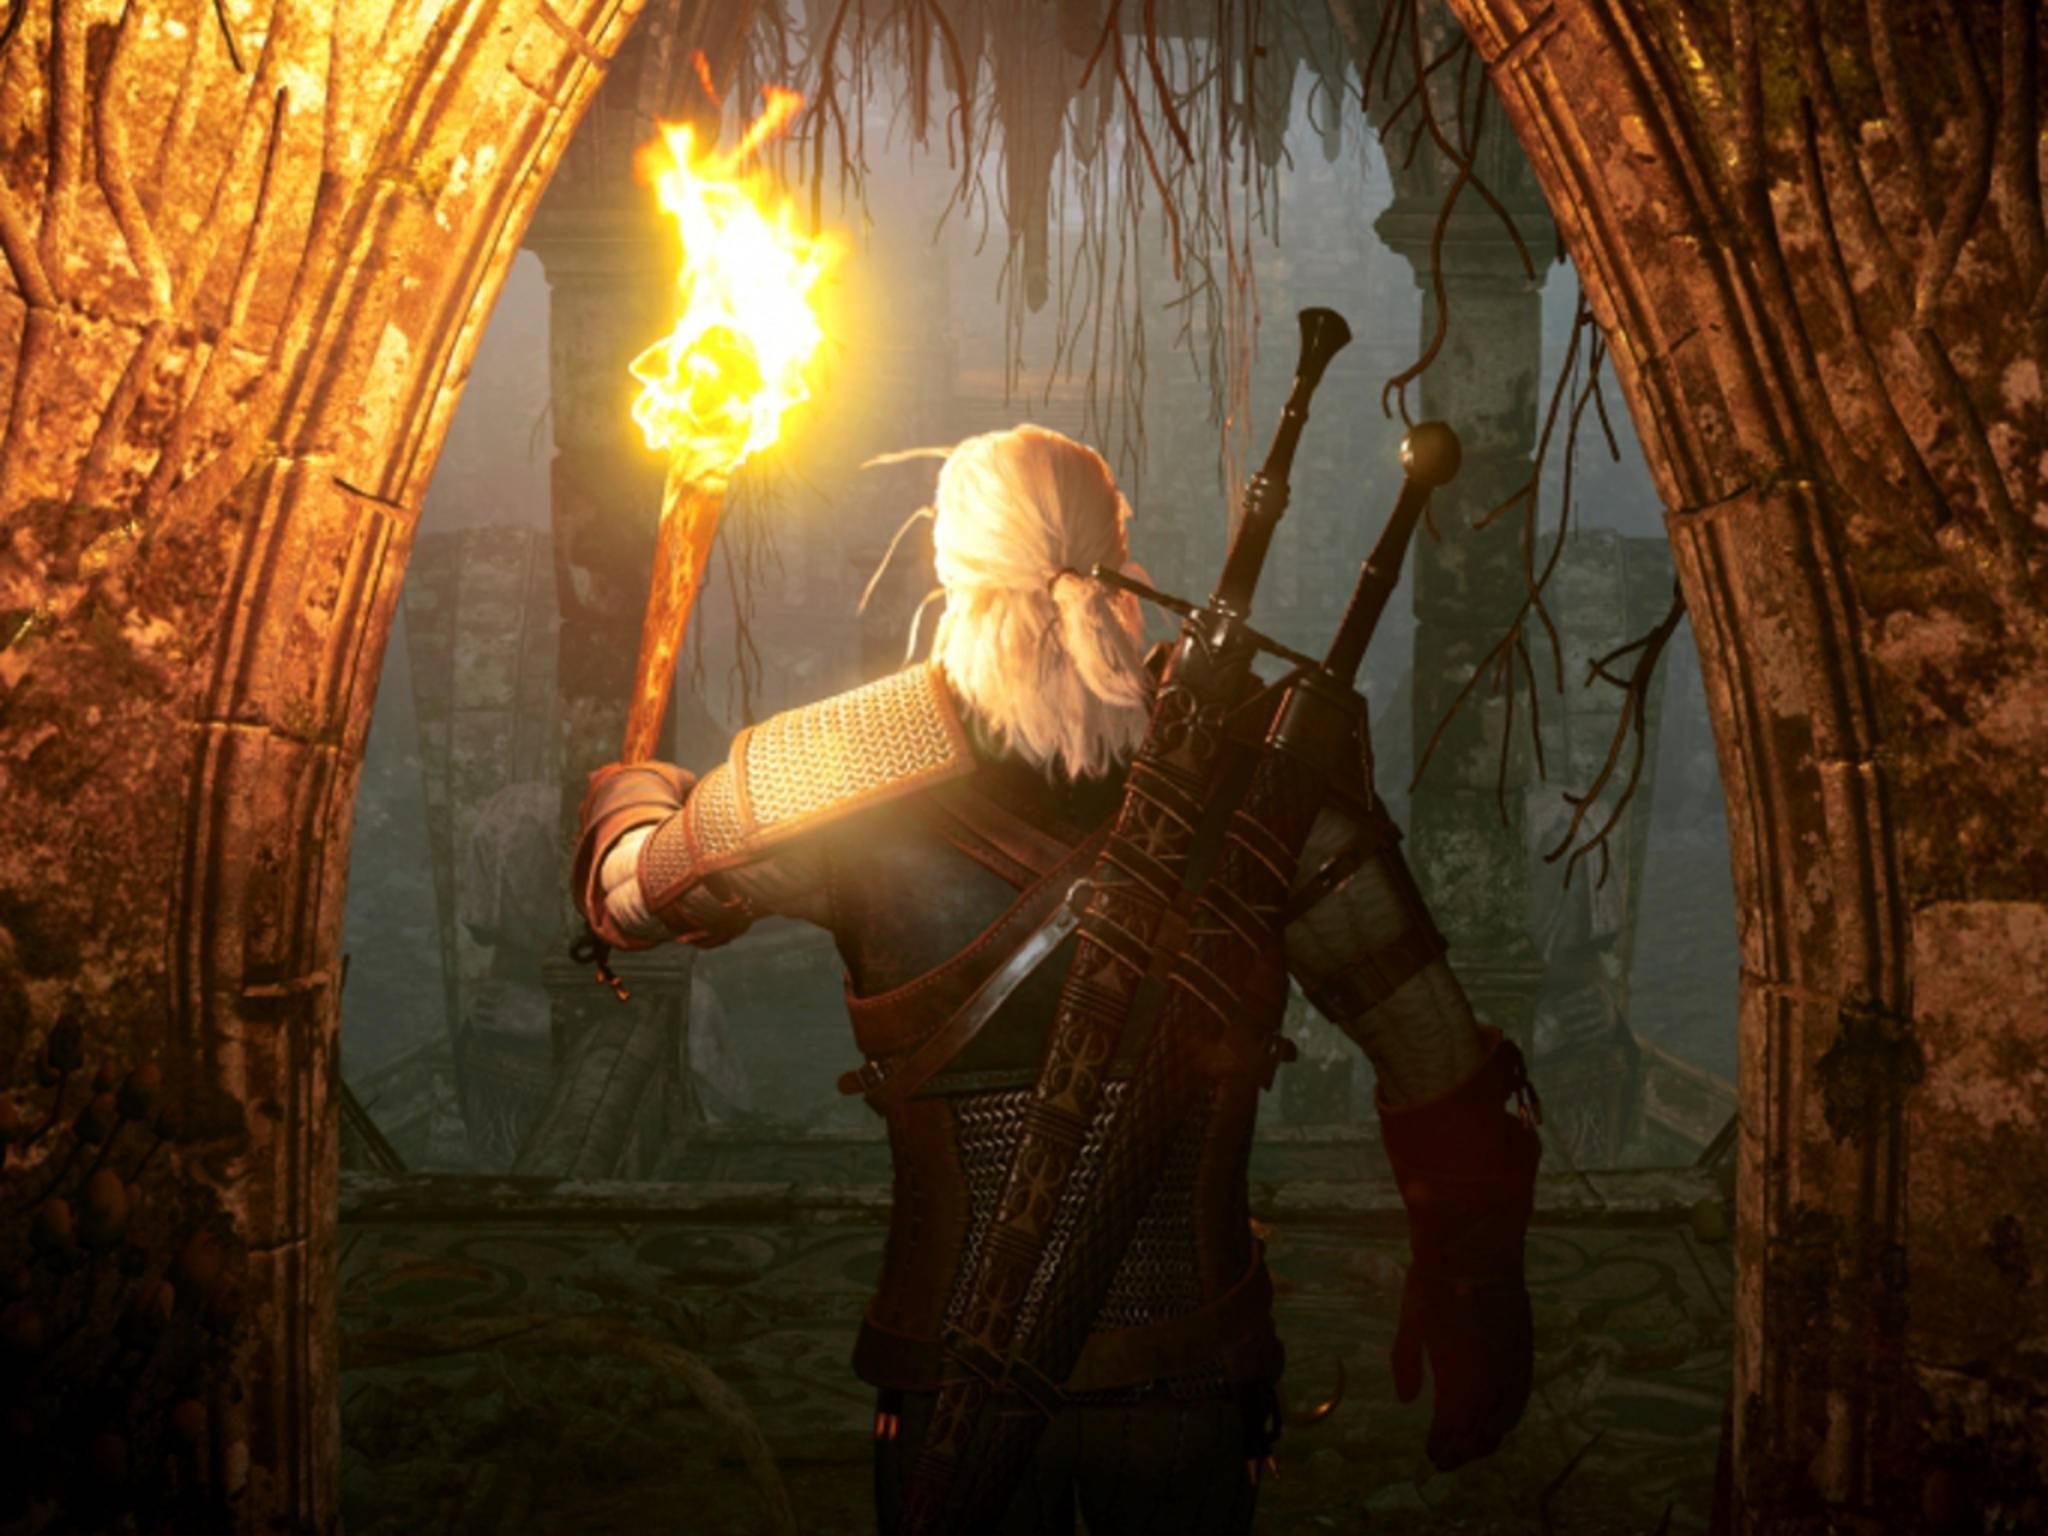 """Mit """"The Witcher 3"""" verabschiedete sich der Entwickler CD Project RED von Hexer Geralt. Vielleicht kommt aber doch noch ein vierter Teil der RPG-Reihe..."""